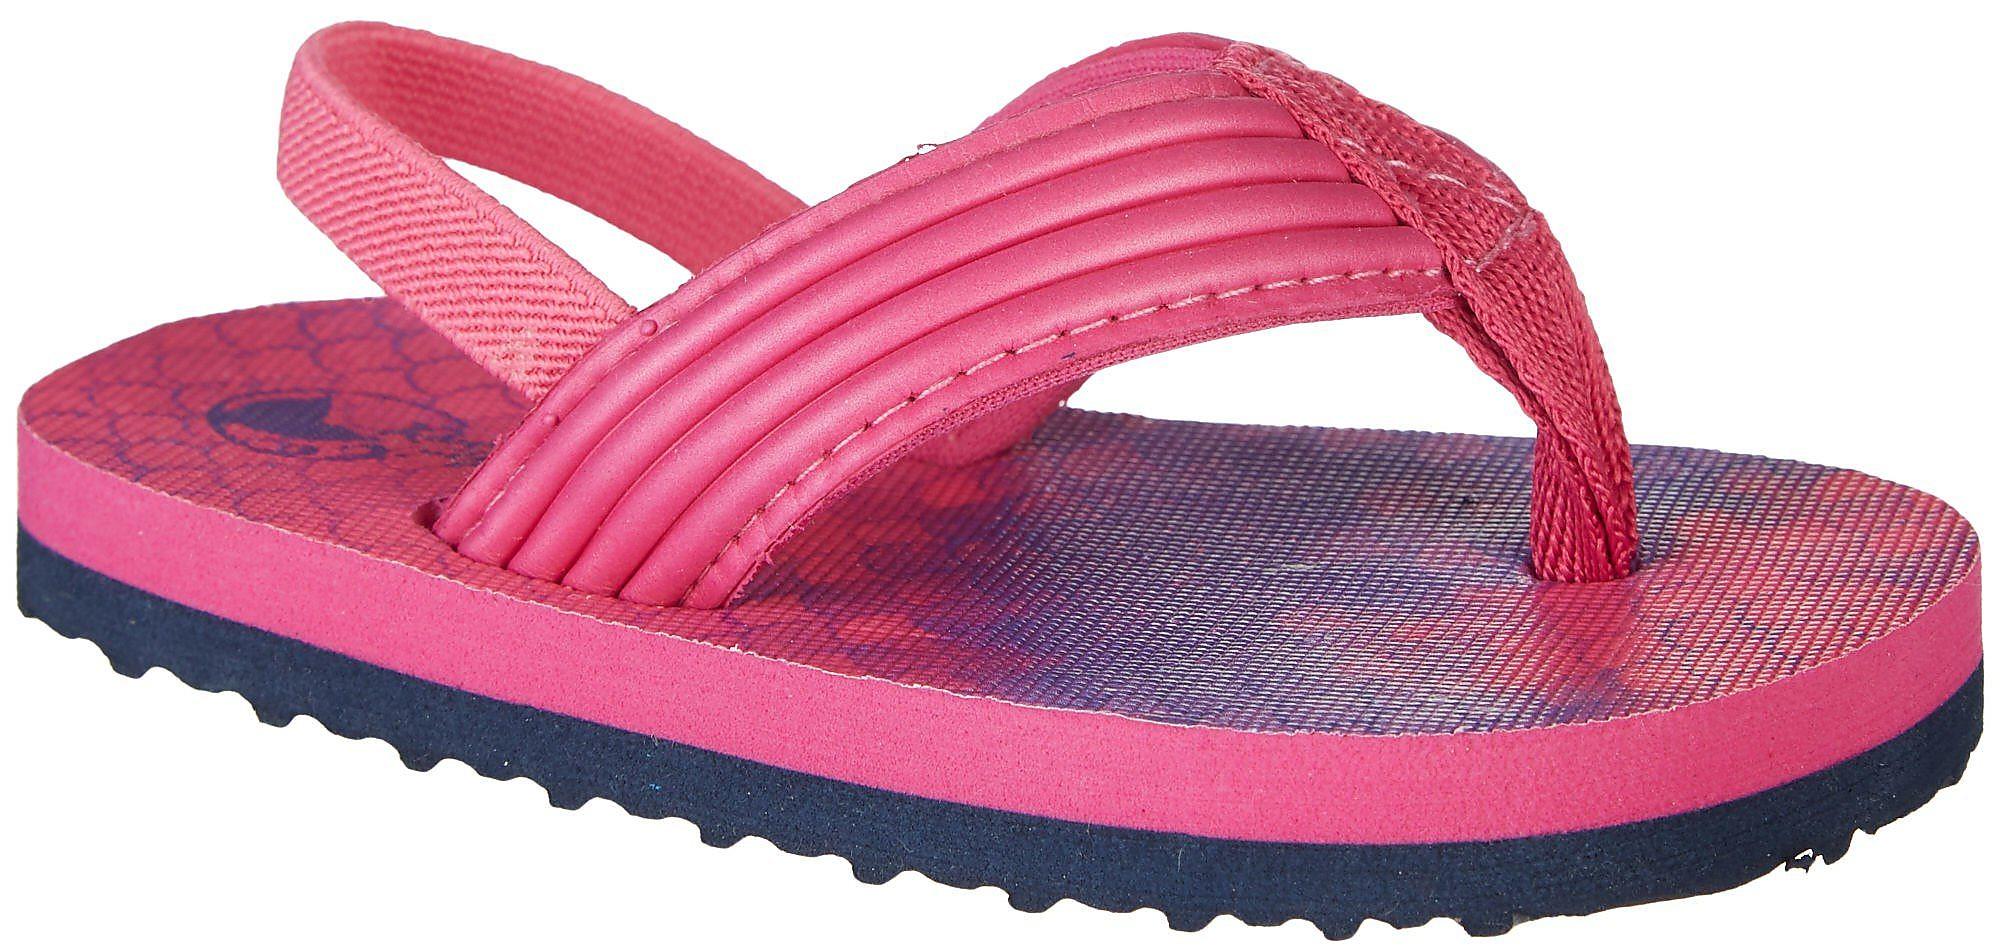 a1d75a0c082 Reel Legends Toddler Girls Libby Water Flip Flops